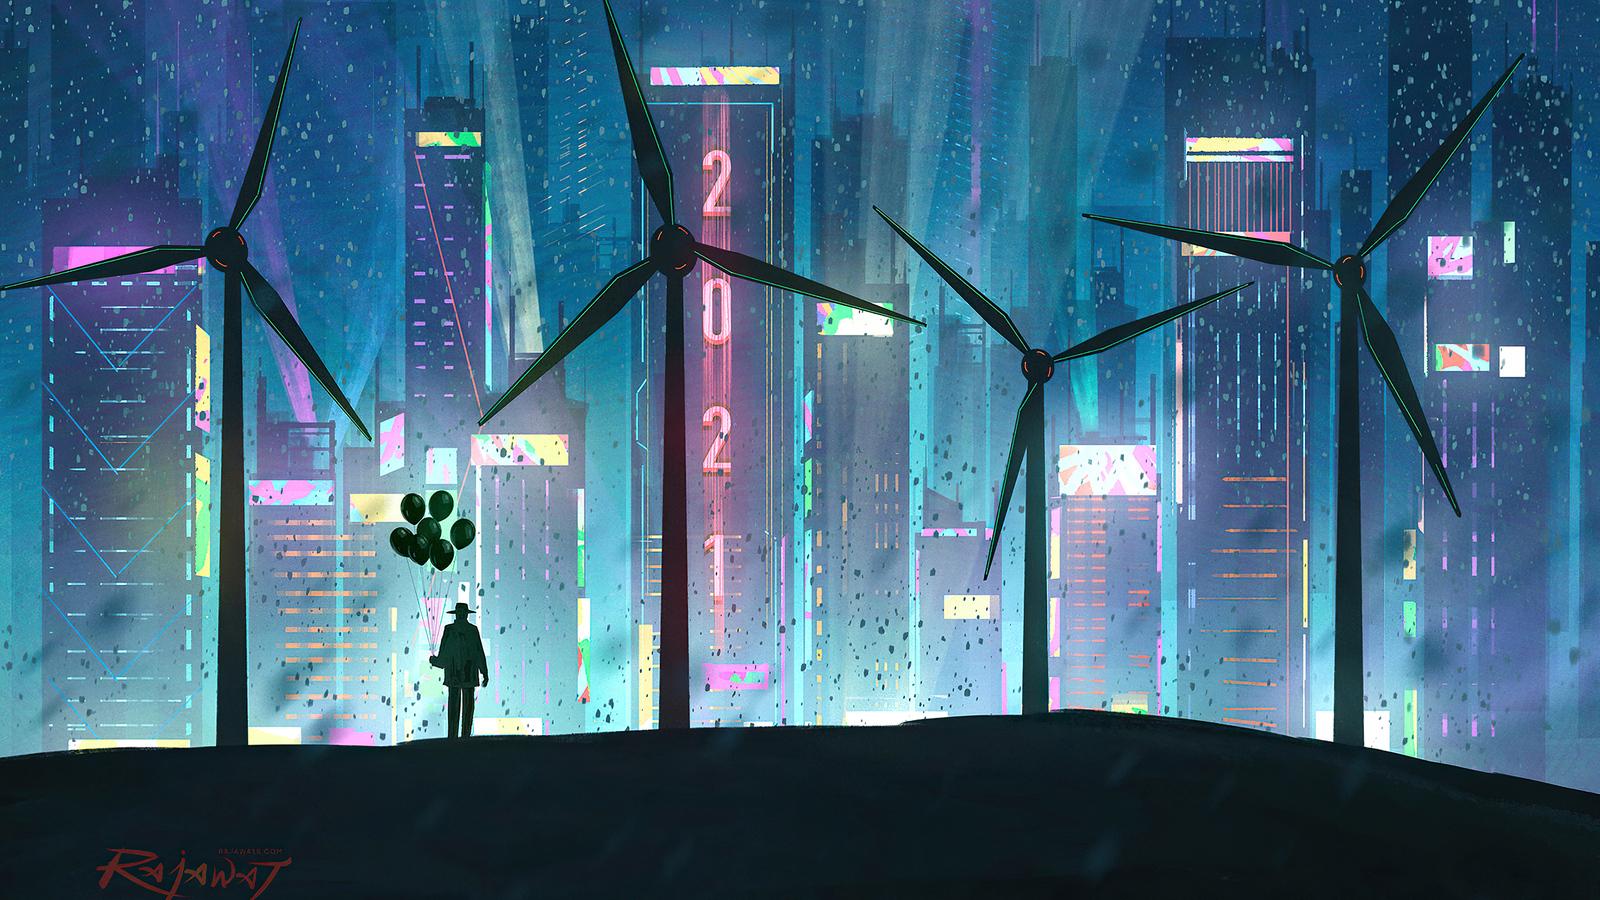 cyberpunk-city-happy-new-year-4k-xo.jpg